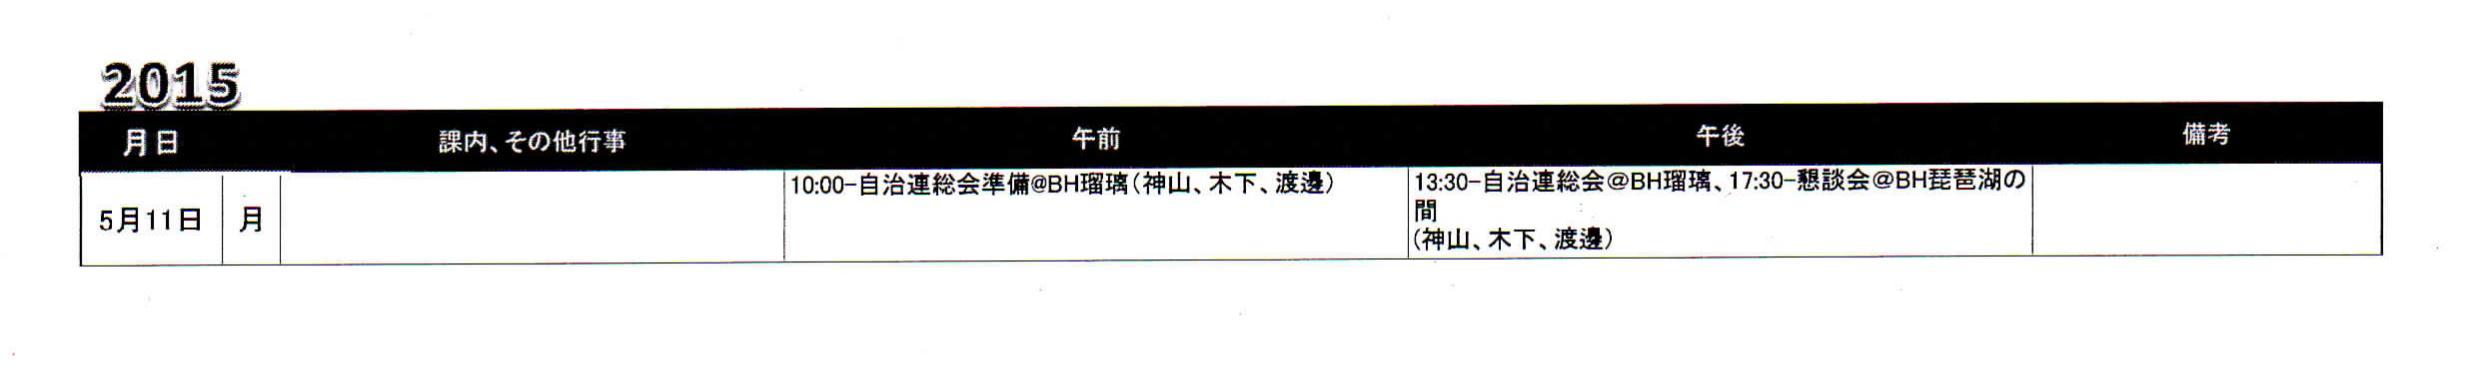 2015年自治連総会/大津市自治協働課の公務記録